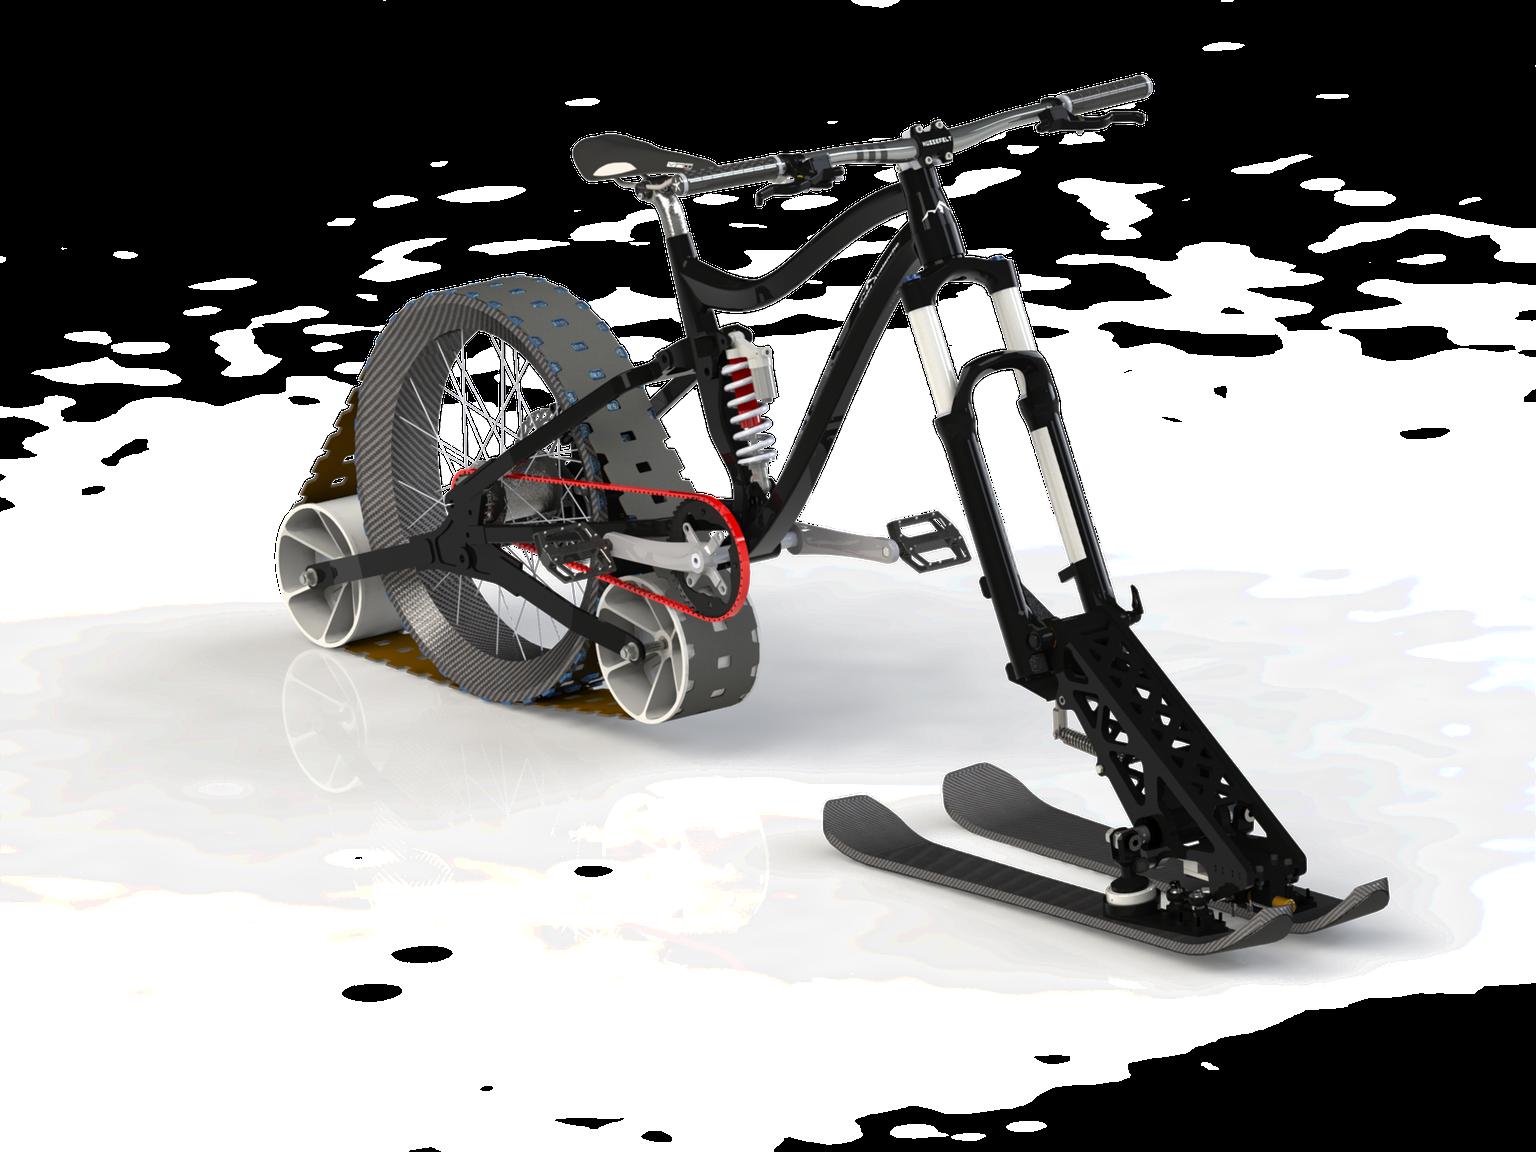 Avalanche Project : The real winter downhill mountain bike by Étienne Durot Ménard — Kickstarter